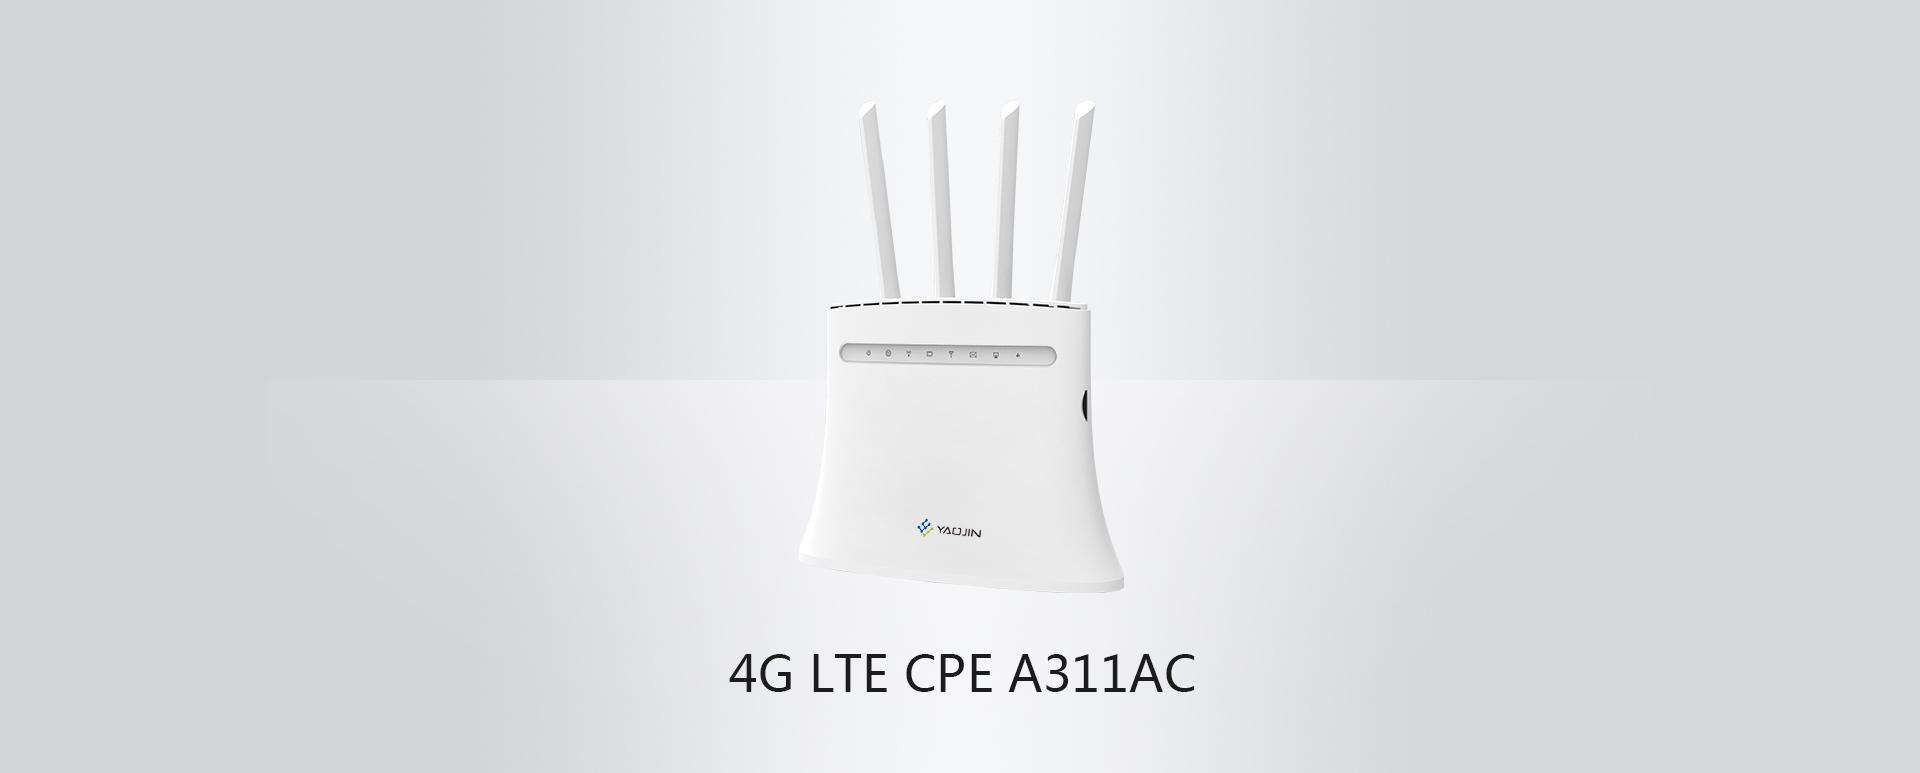 4G LTE CPE A311AC